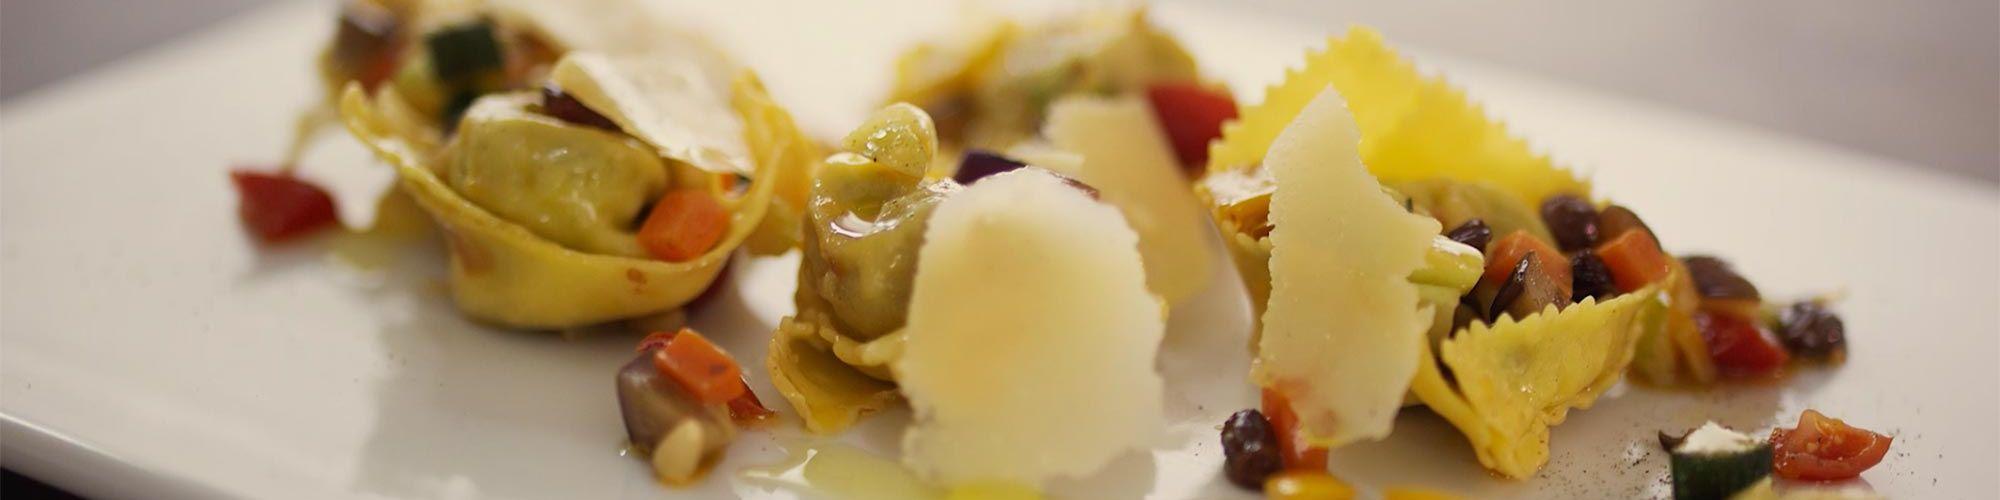 ricetta Tortelloni e caponata con pasta fresca